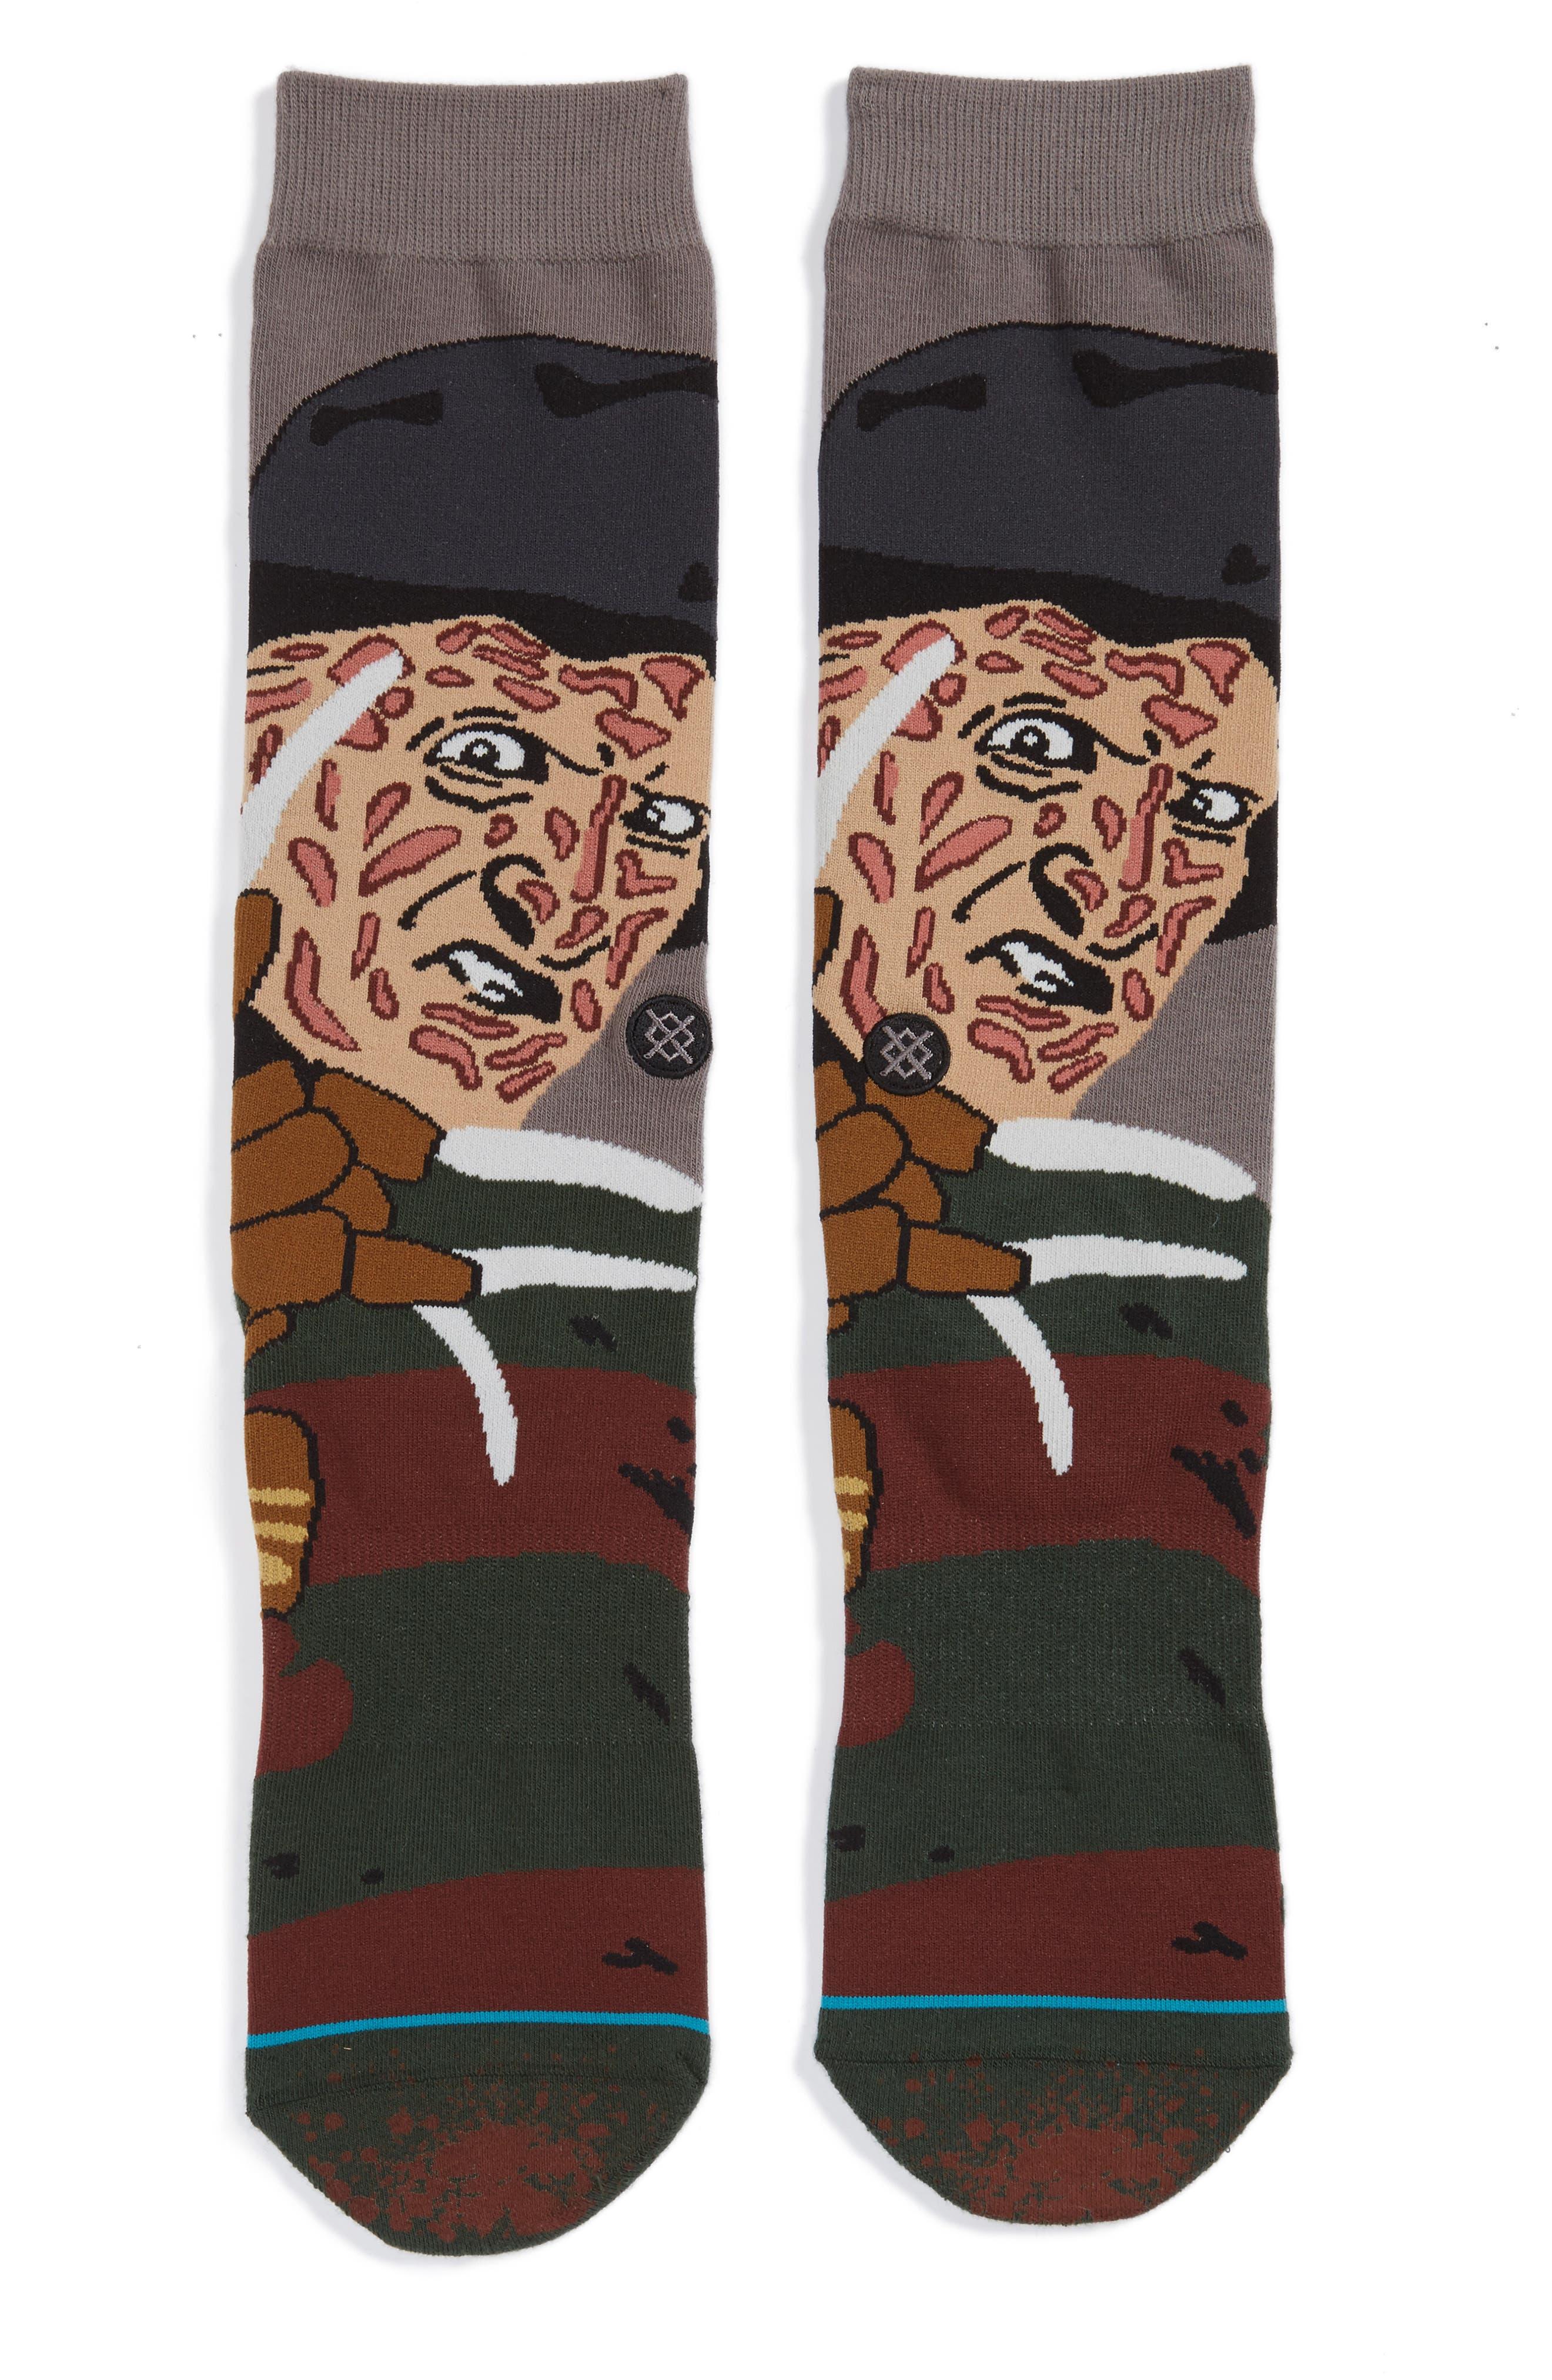 Freddy Krueger - Legends of Horror Socks,                             Main thumbnail 1, color,                             001